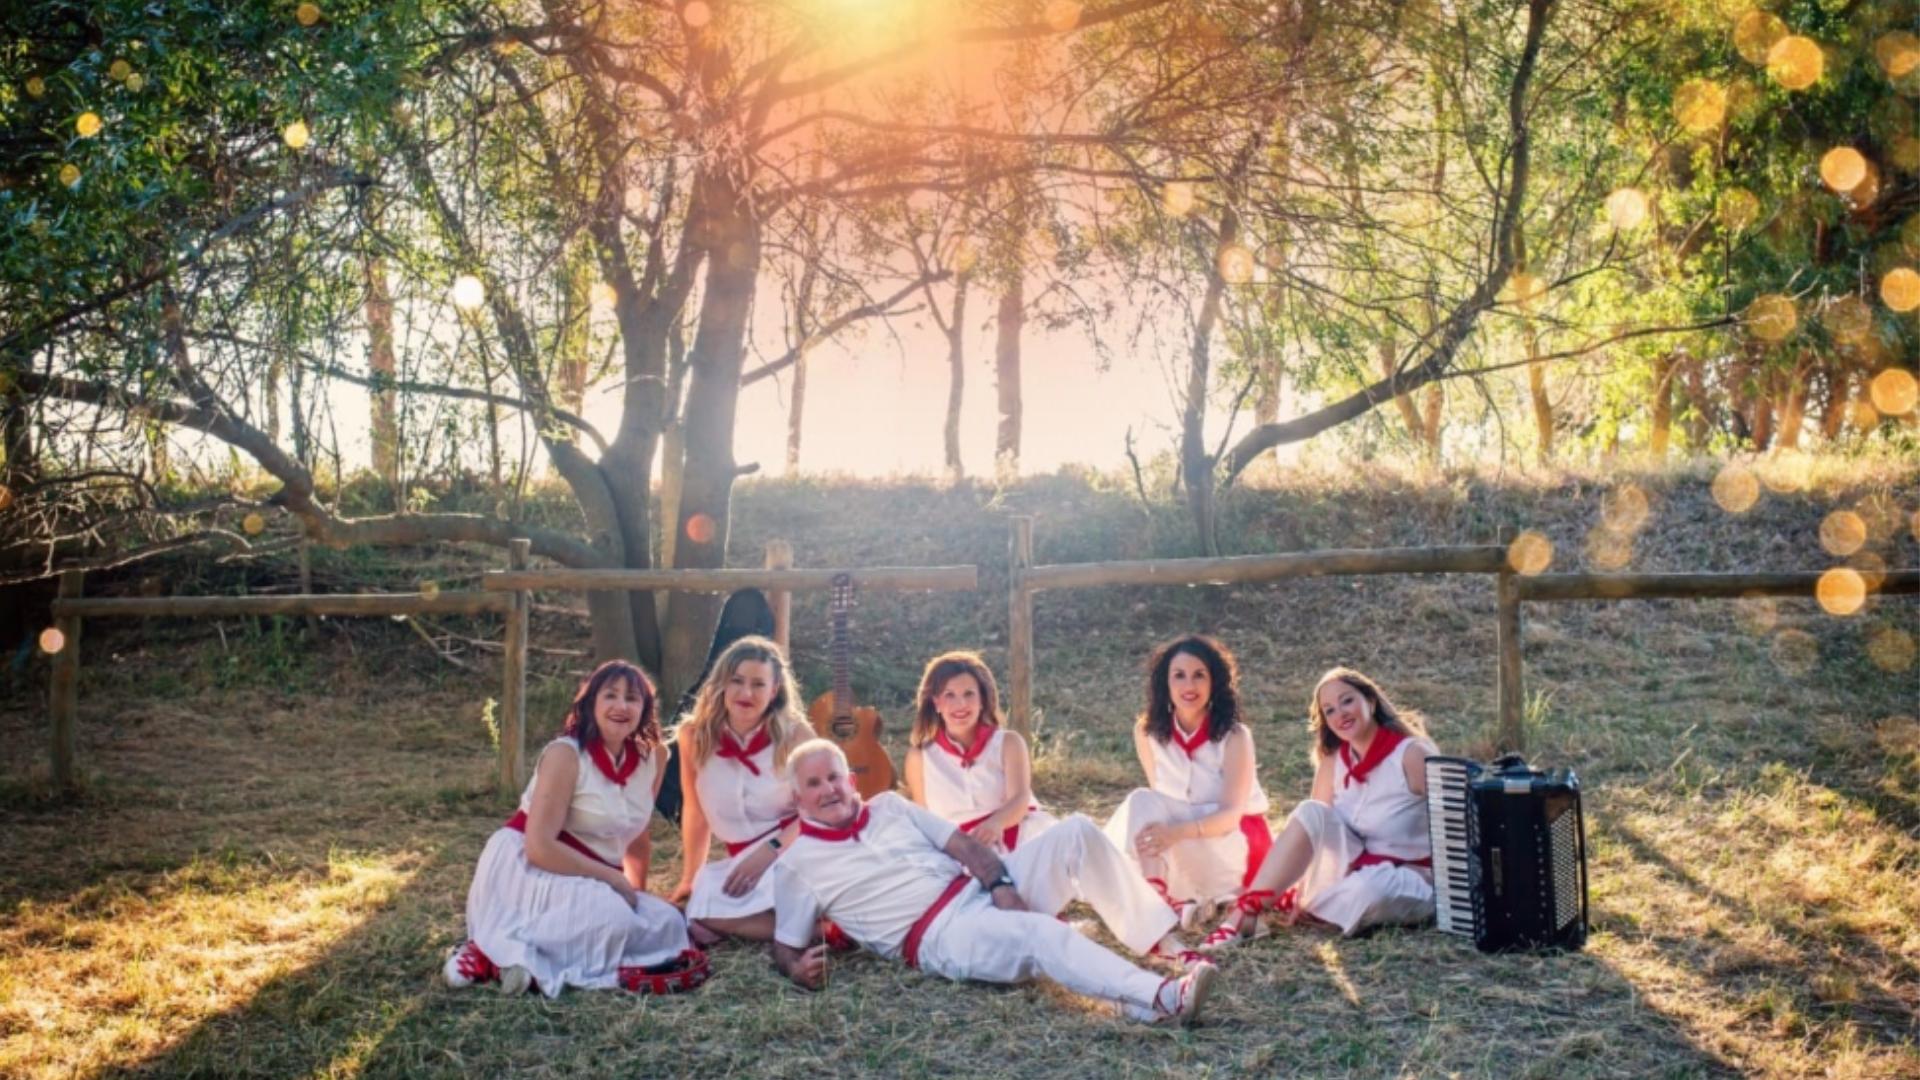 Seis actuaciones musicales llegan a Otxarkoaga con el programa 'Betiko musika de siempre'